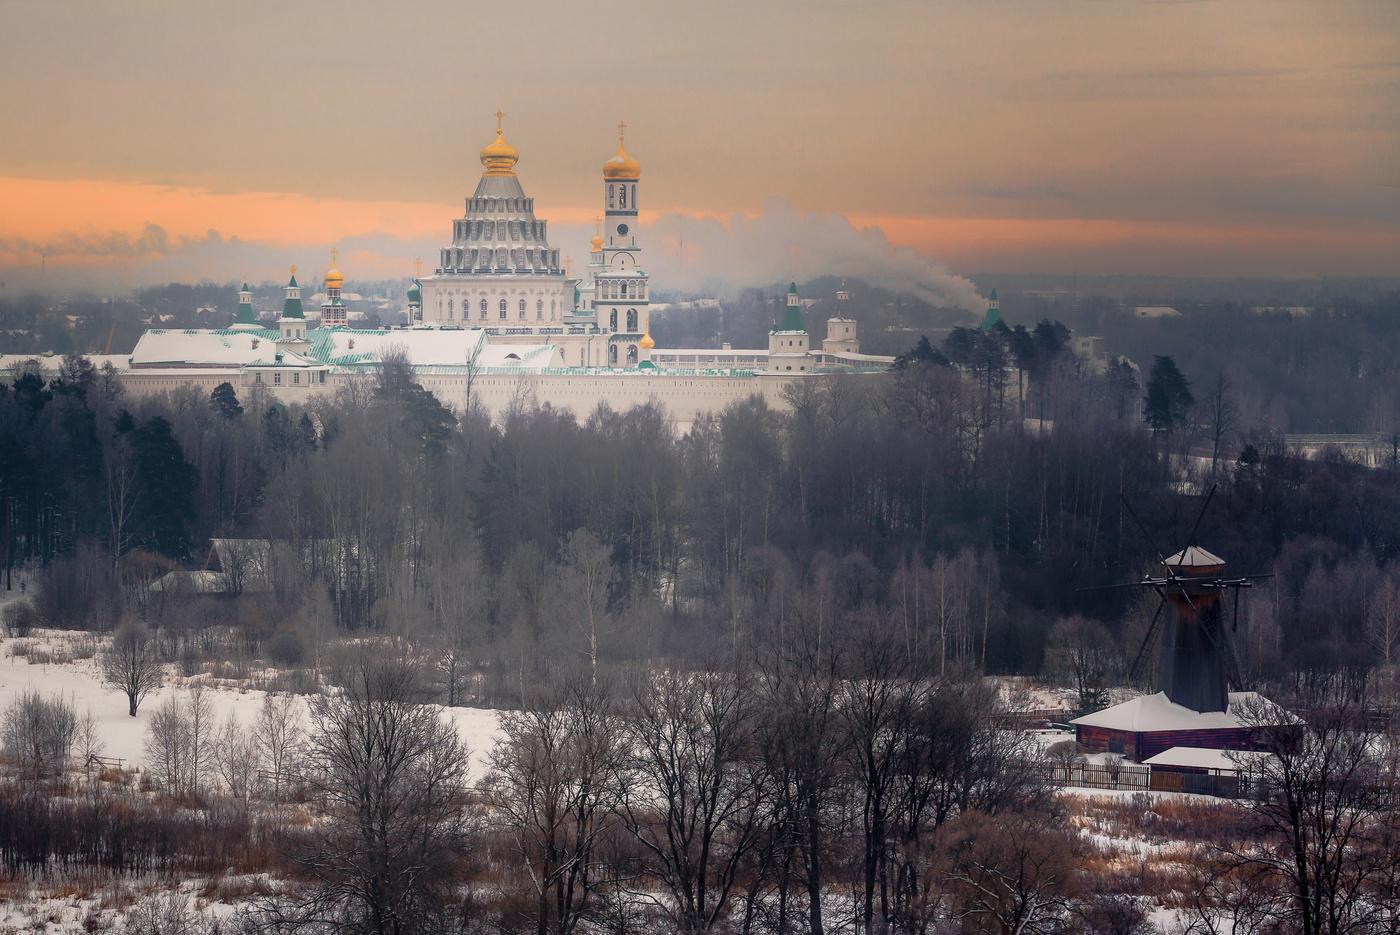 монастырь новый иерусалим подмосковье истра фото взяла руки бокал